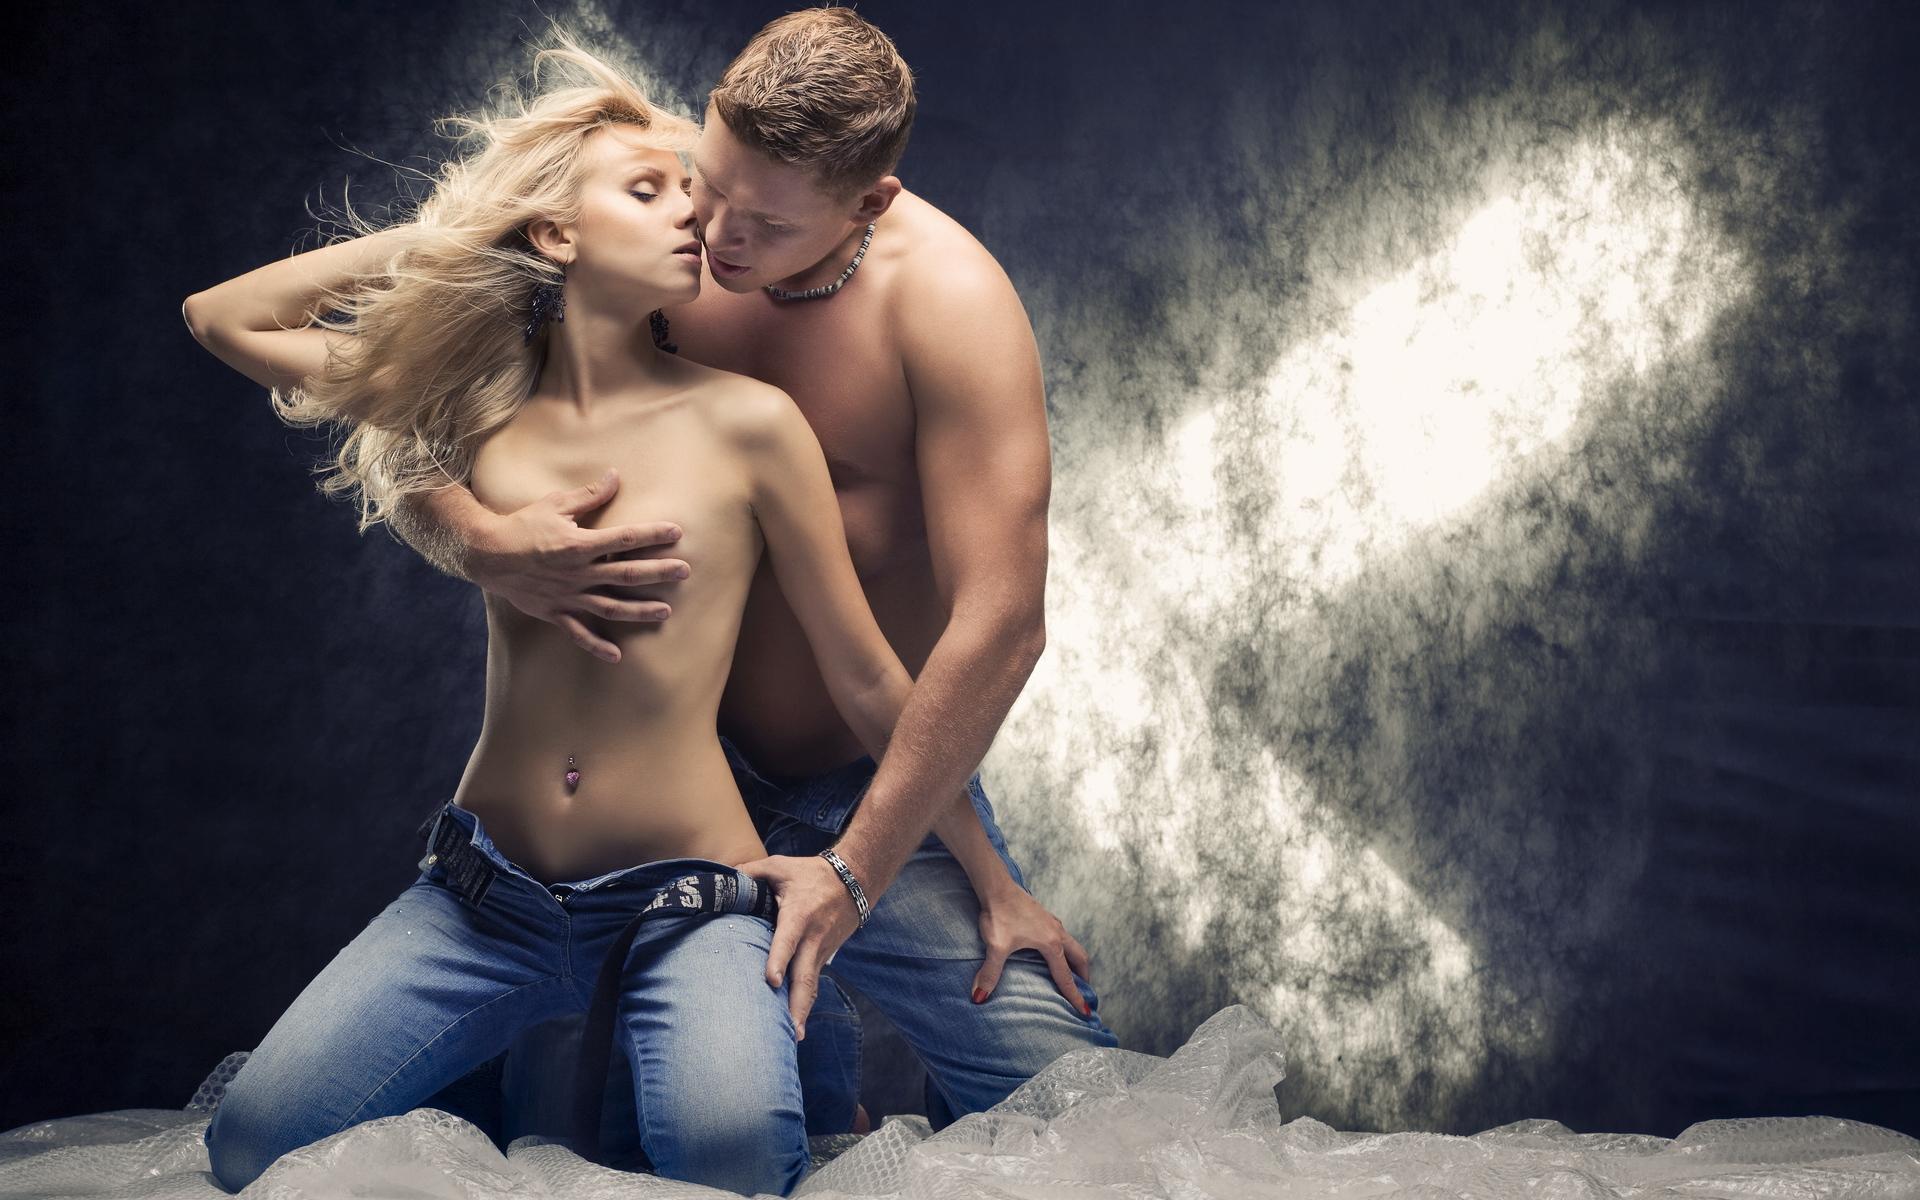 распускал руки в танце прикасался к интимным местам только если вас